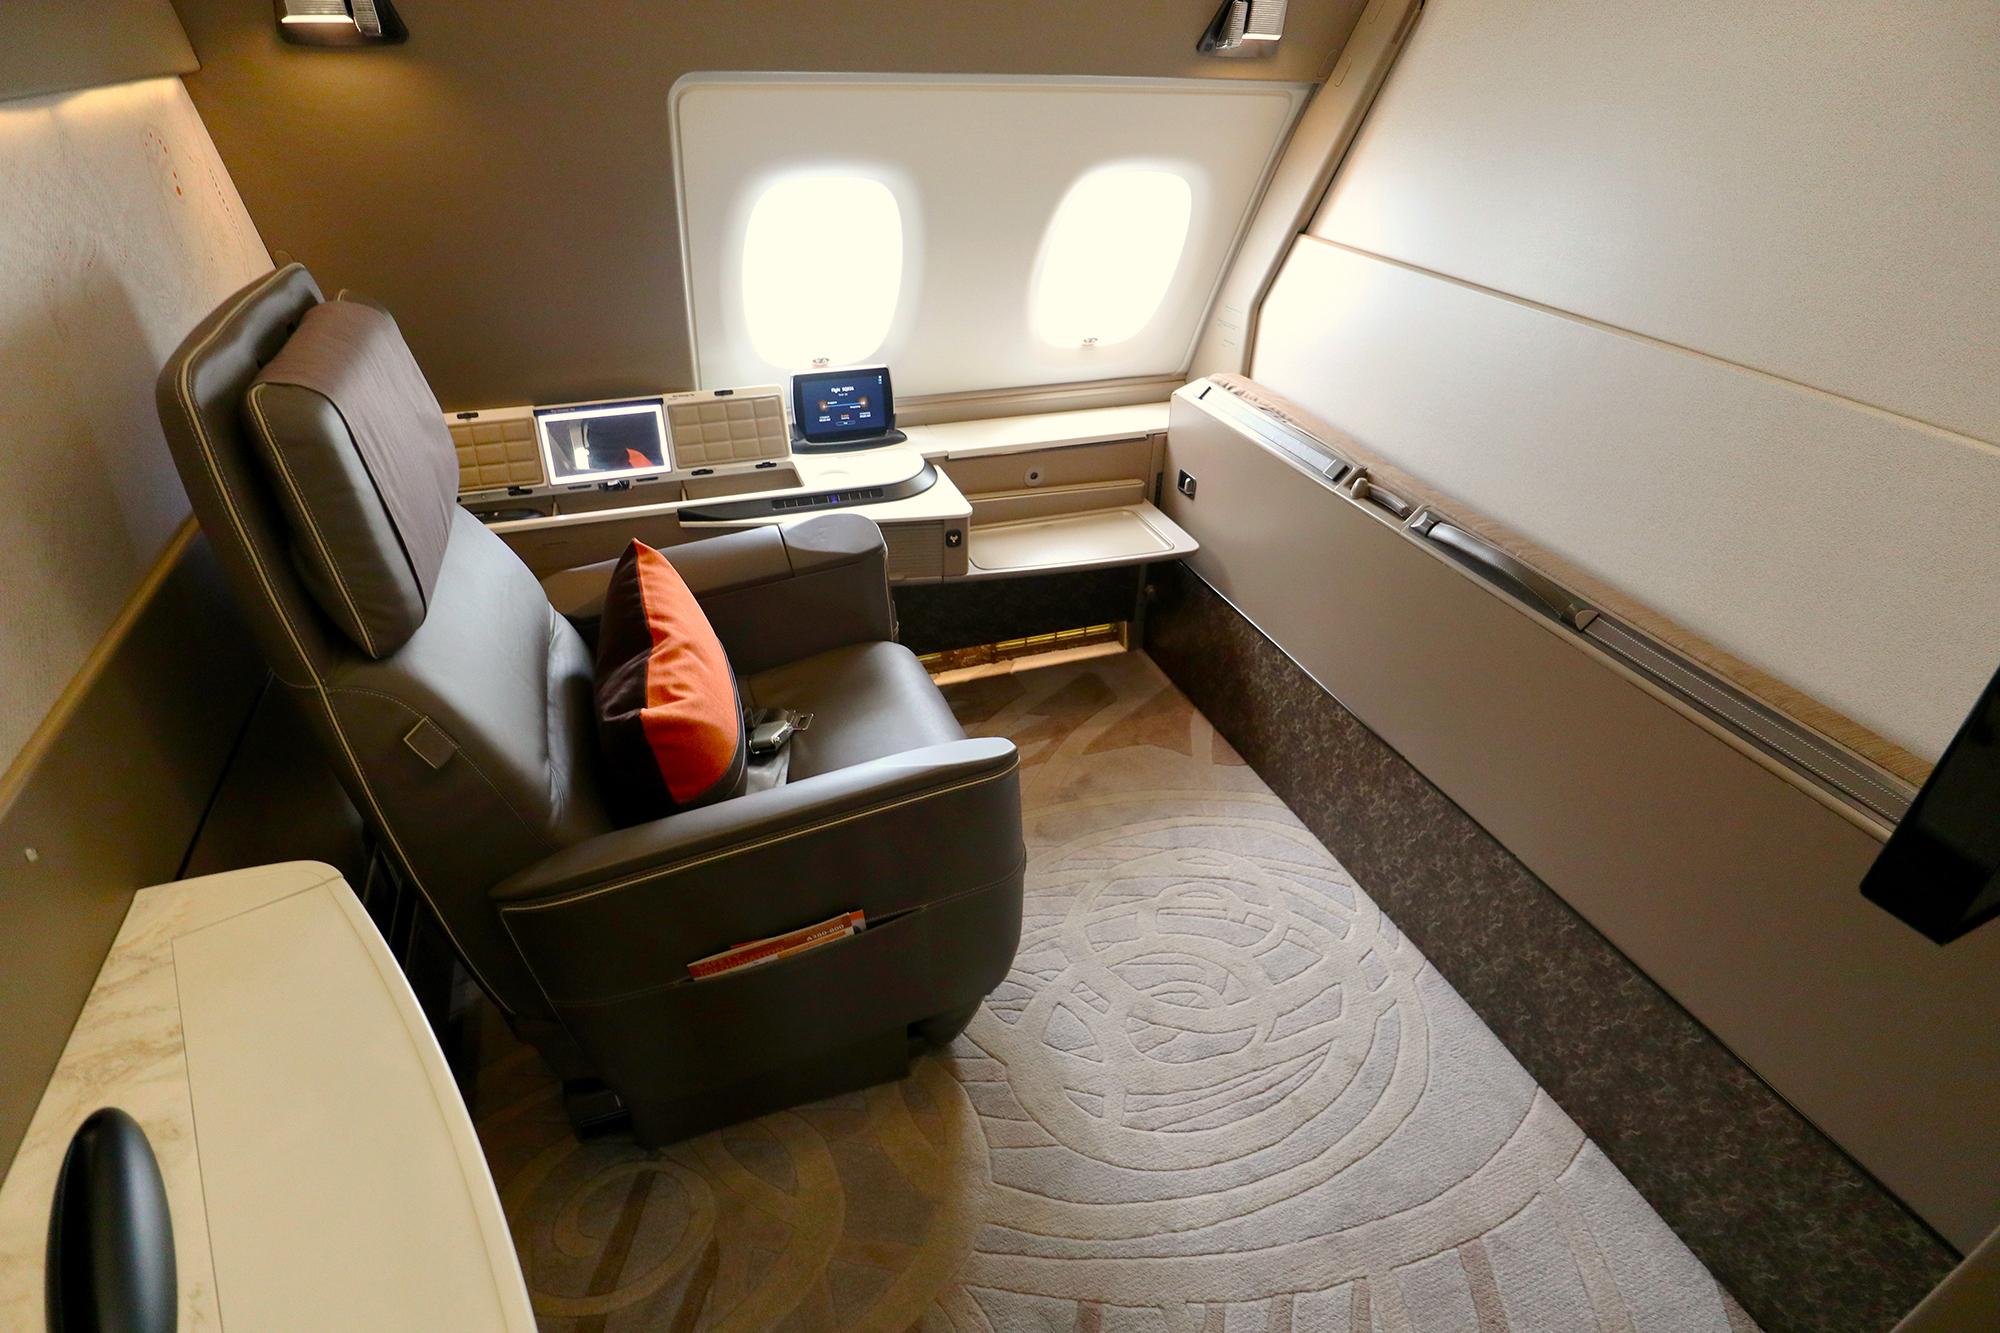 2A Seat